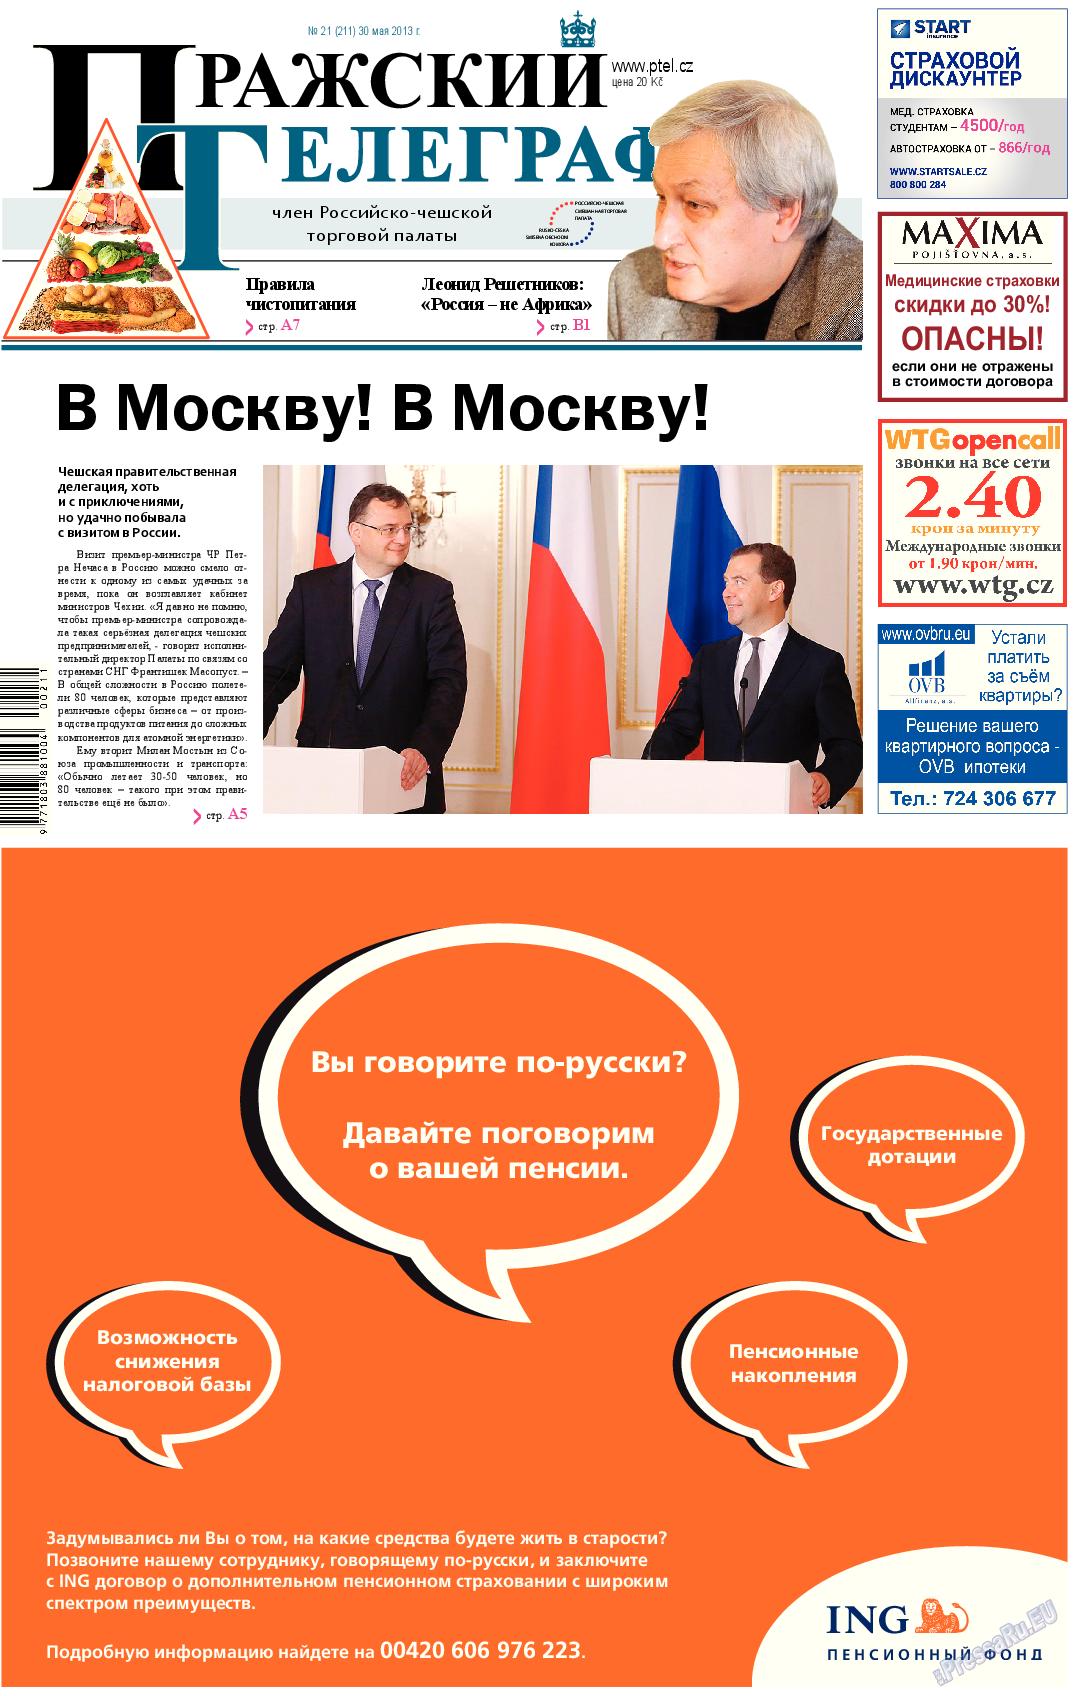 Пражский телеграф (газета). 2013 год, номер 21, стр. 1